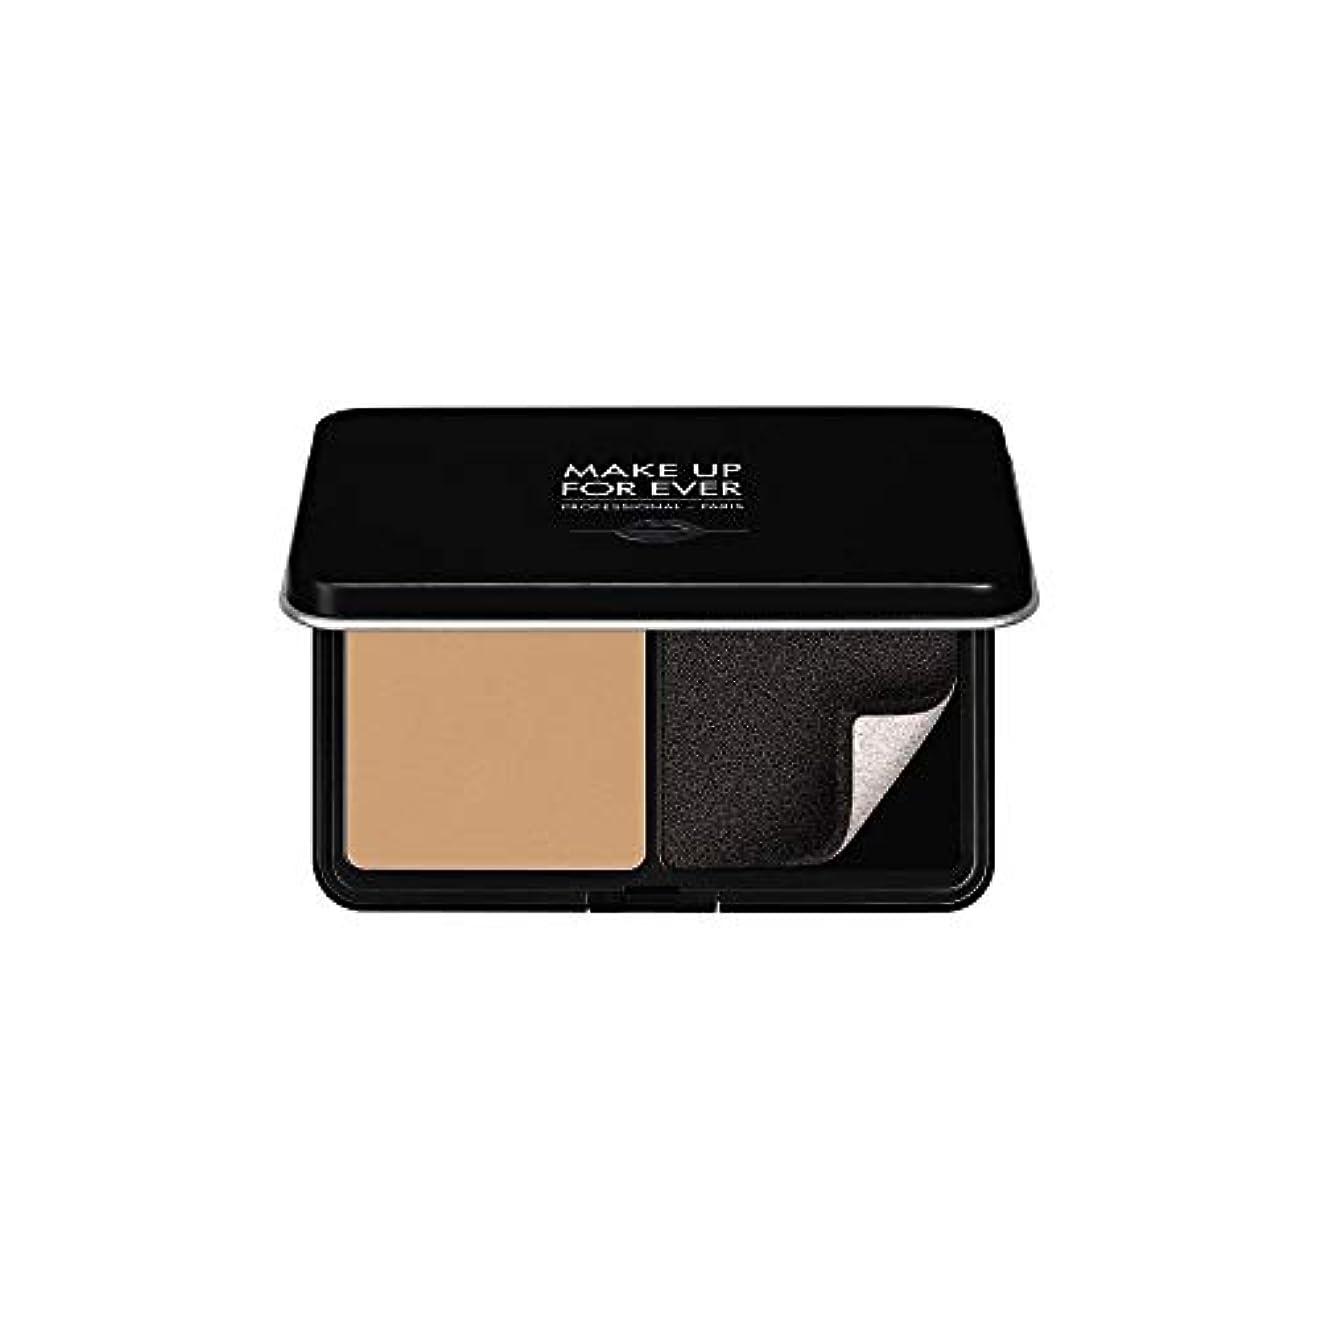 思われる四面体シネウィメイクアップフォーエバー Matte Velvet Skin Blurring Powder Foundation - # Y315 (Sand) 11g/0.38oz並行輸入品